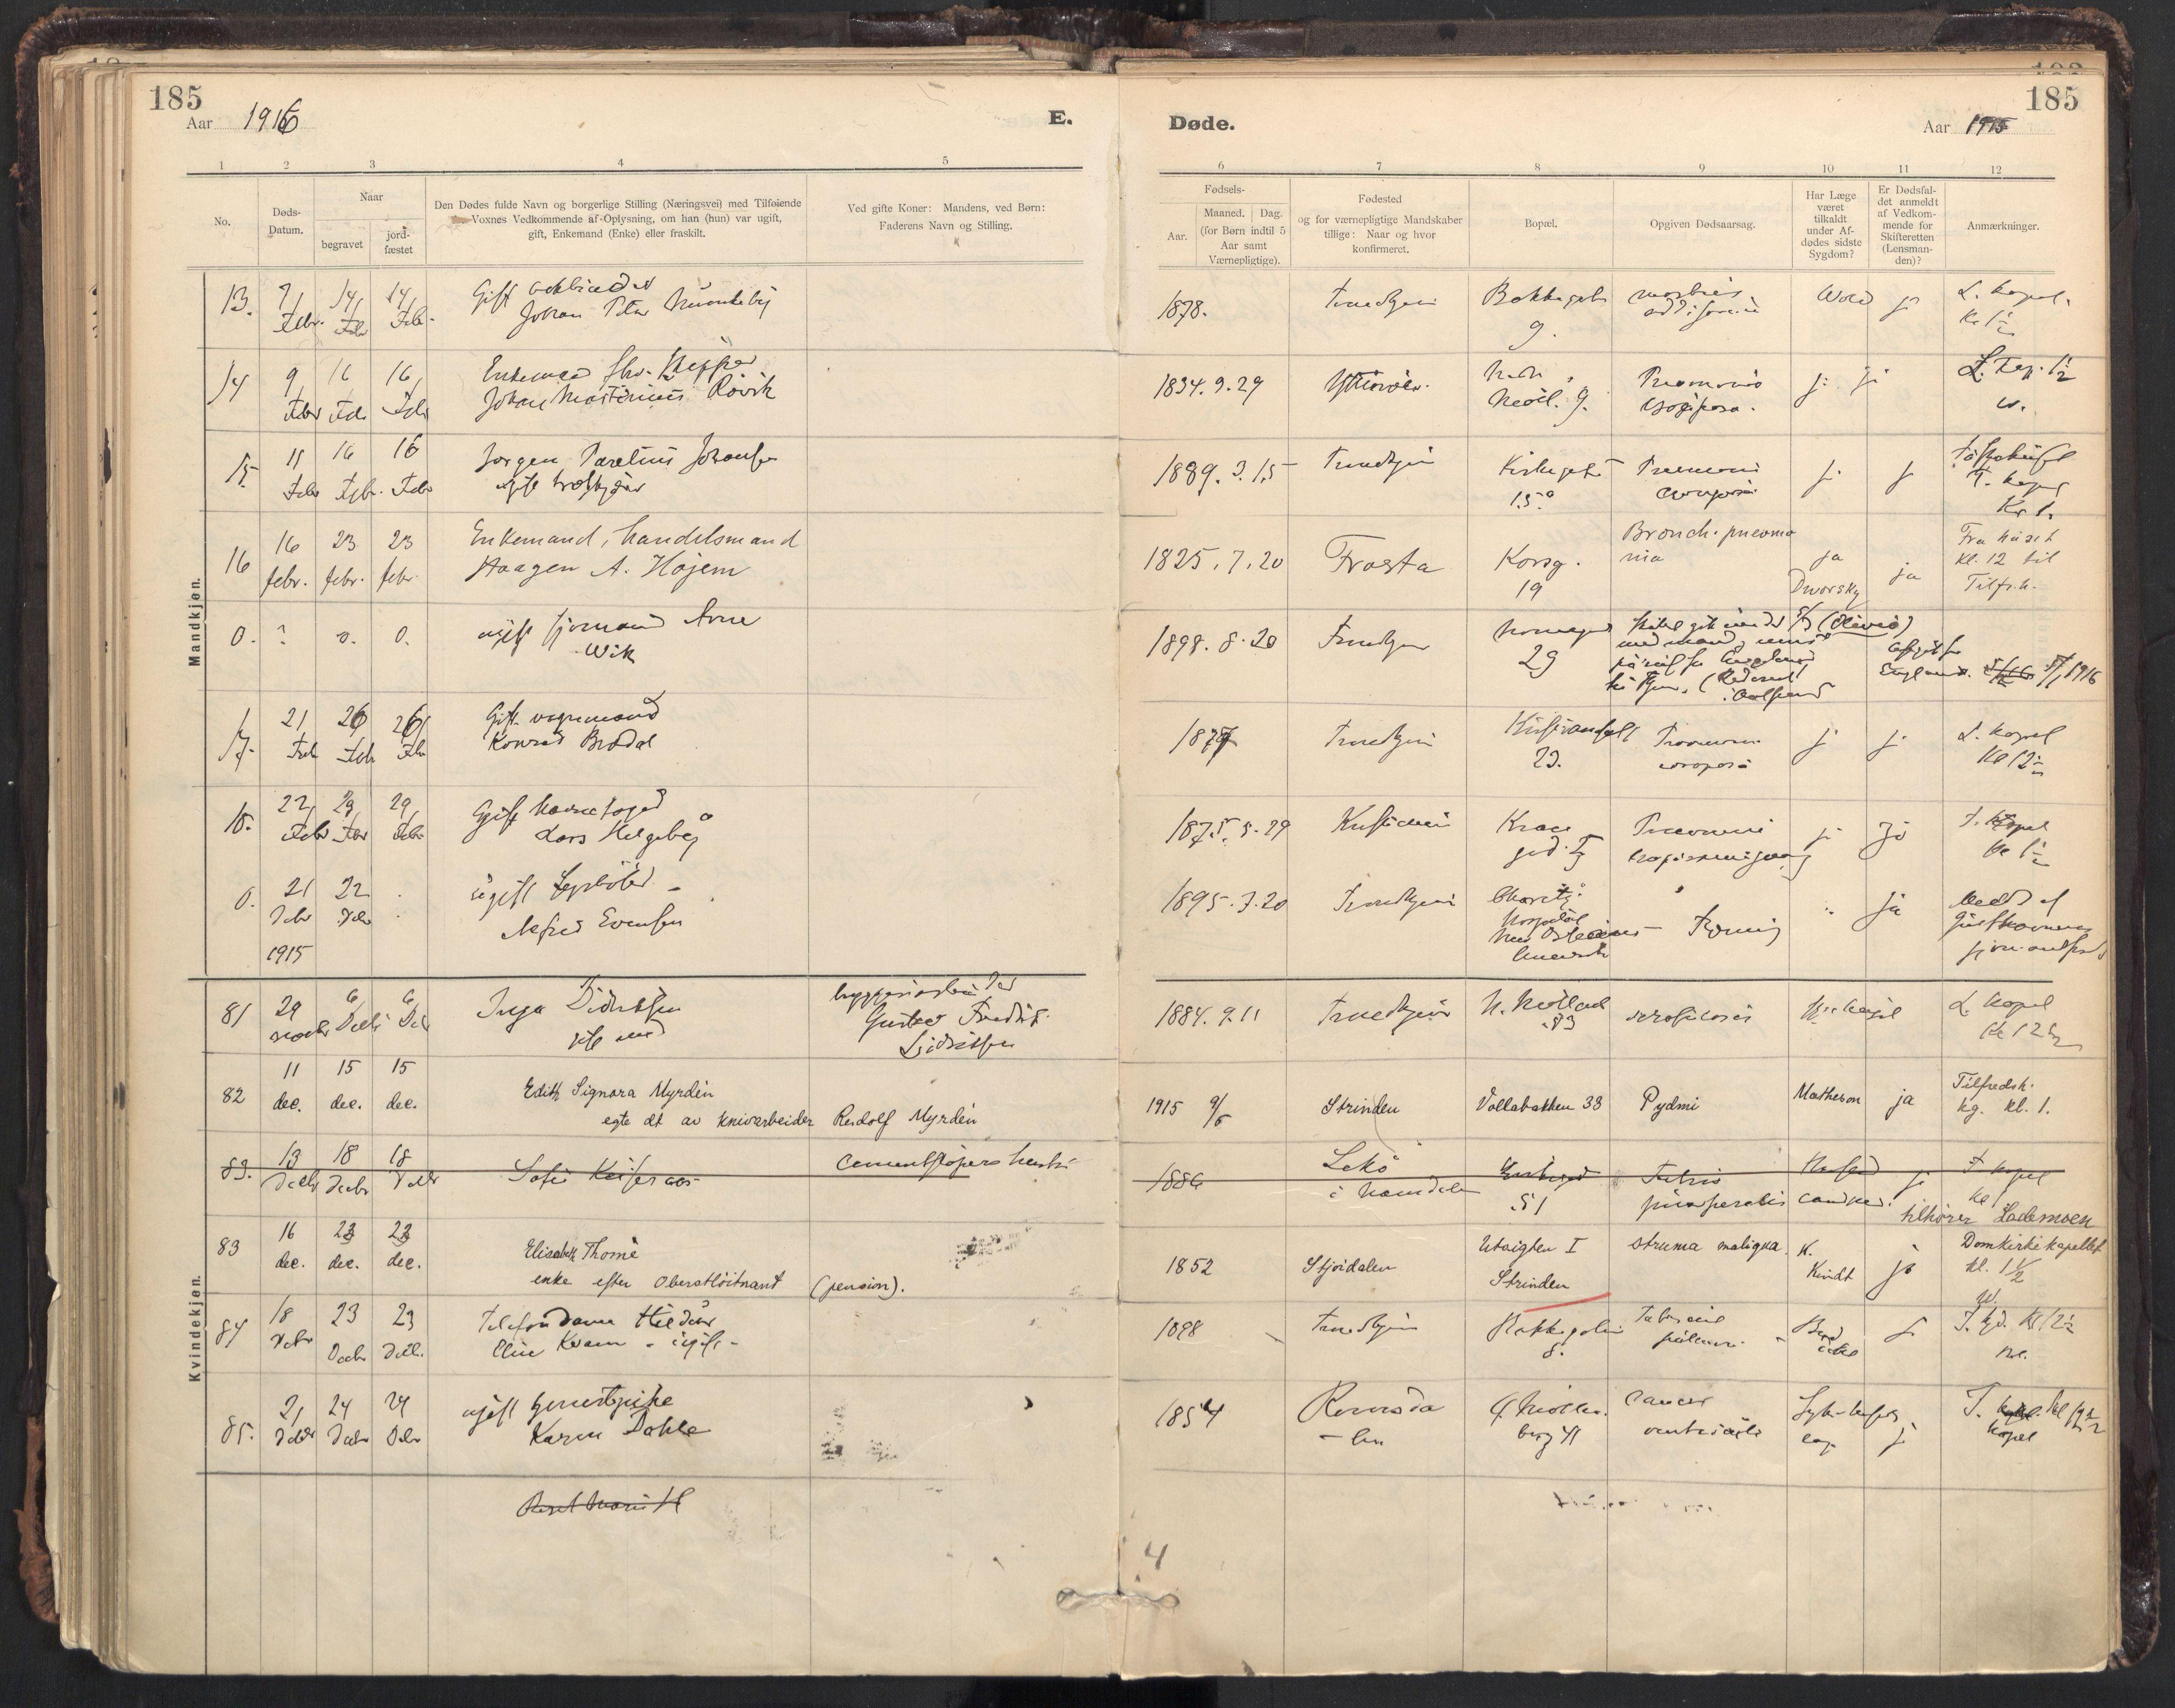 SAT, Ministerialprotokoller, klokkerbøker og fødselsregistre - Sør-Trøndelag, 604/L0204: Ministerialbok nr. 604A24, 1911-1920, s. 185